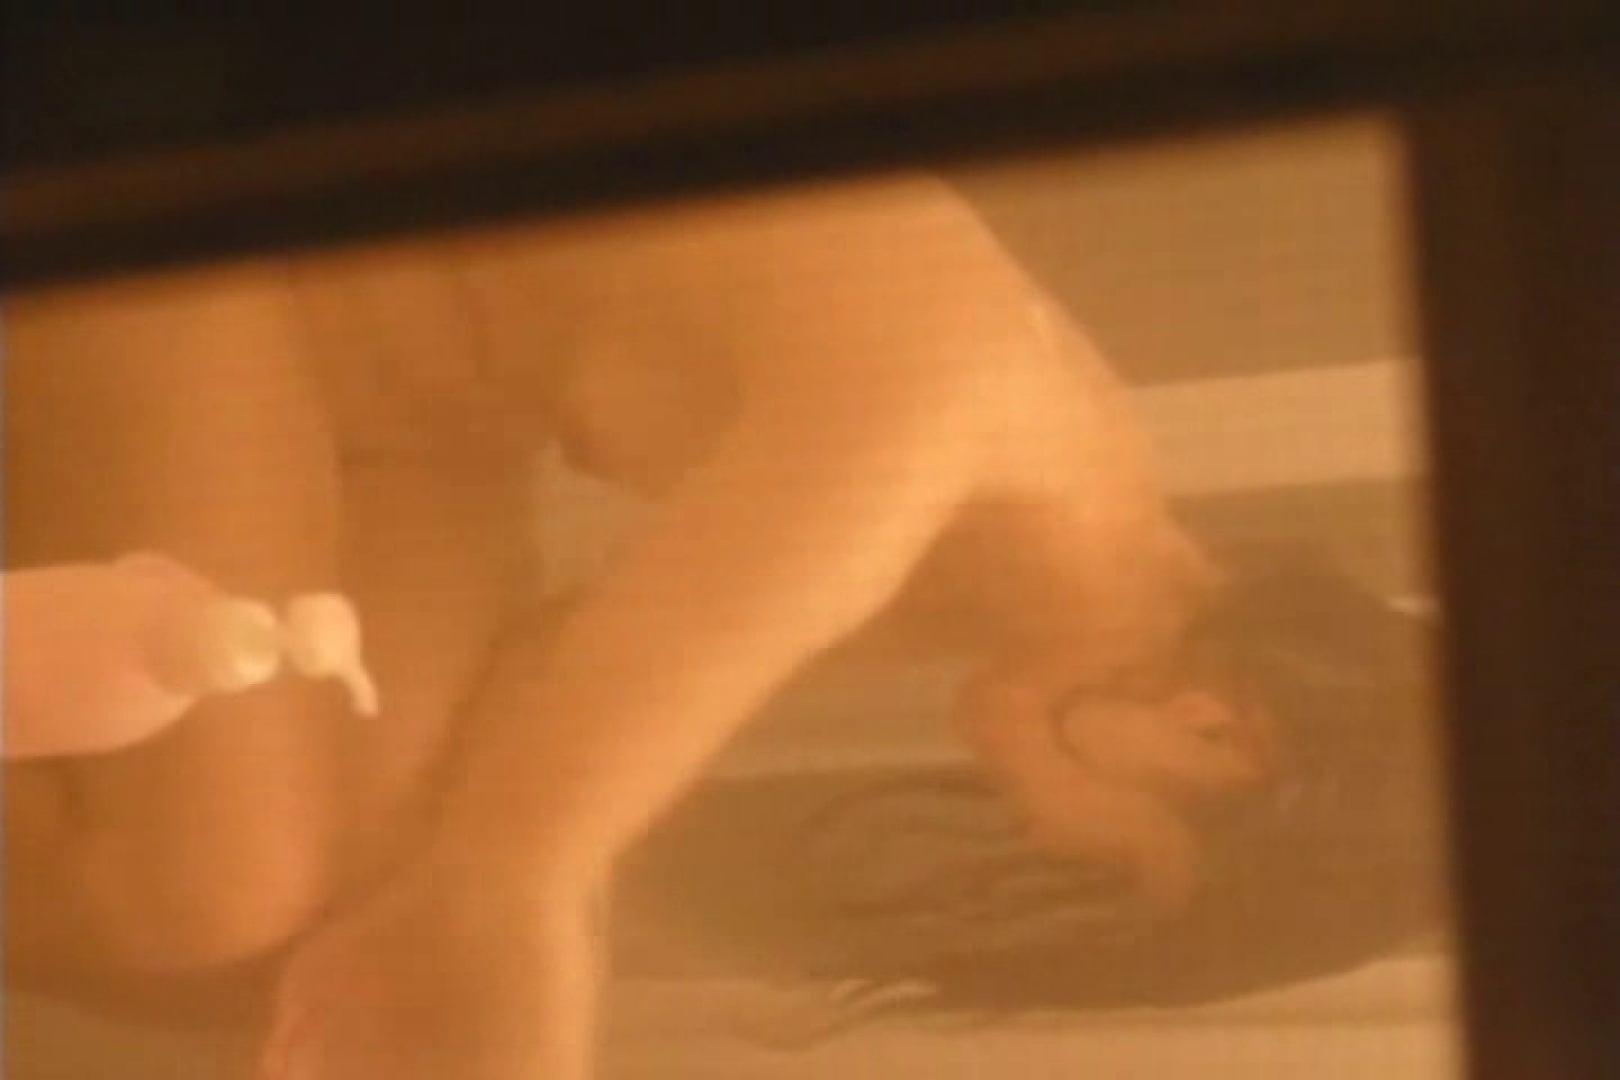 愛する彼女の風呂ストーカー盗撮 vol.001 盗撮シリーズ  94PIX 24